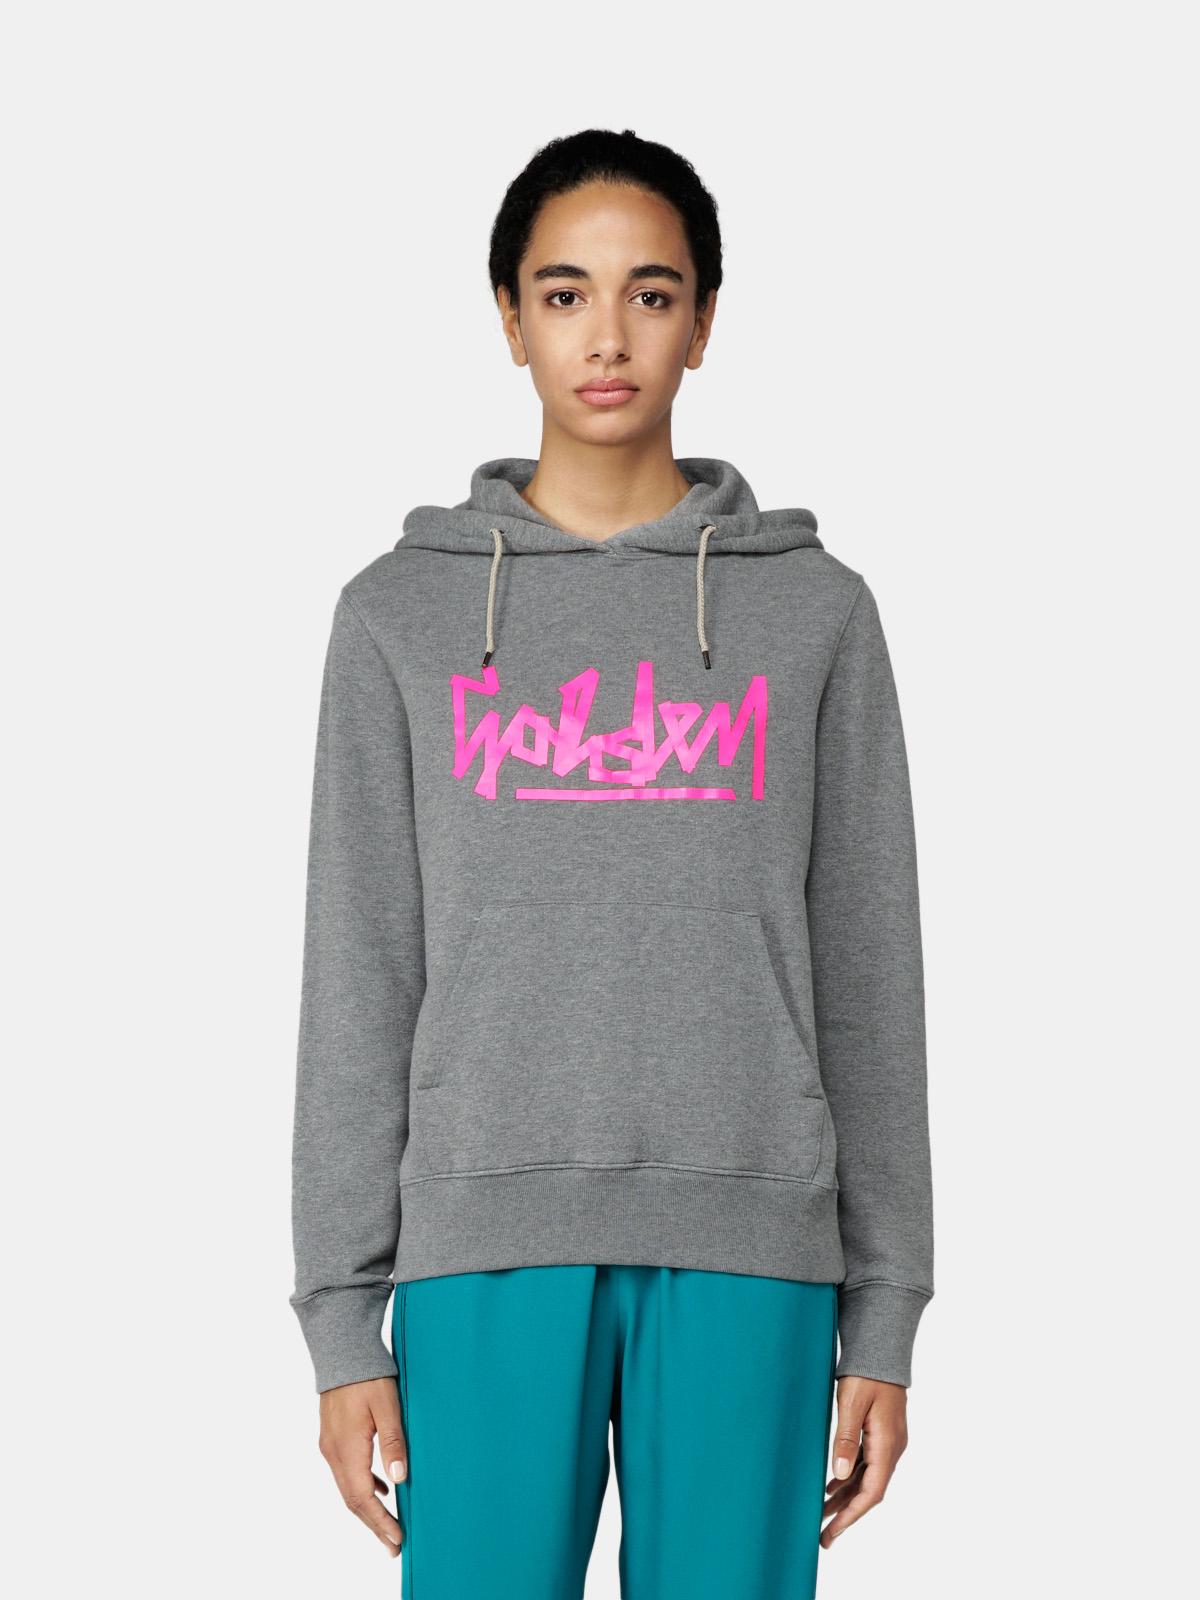 Golden Goose - Ayan grey sweatshirt with hood and pink Golden print in